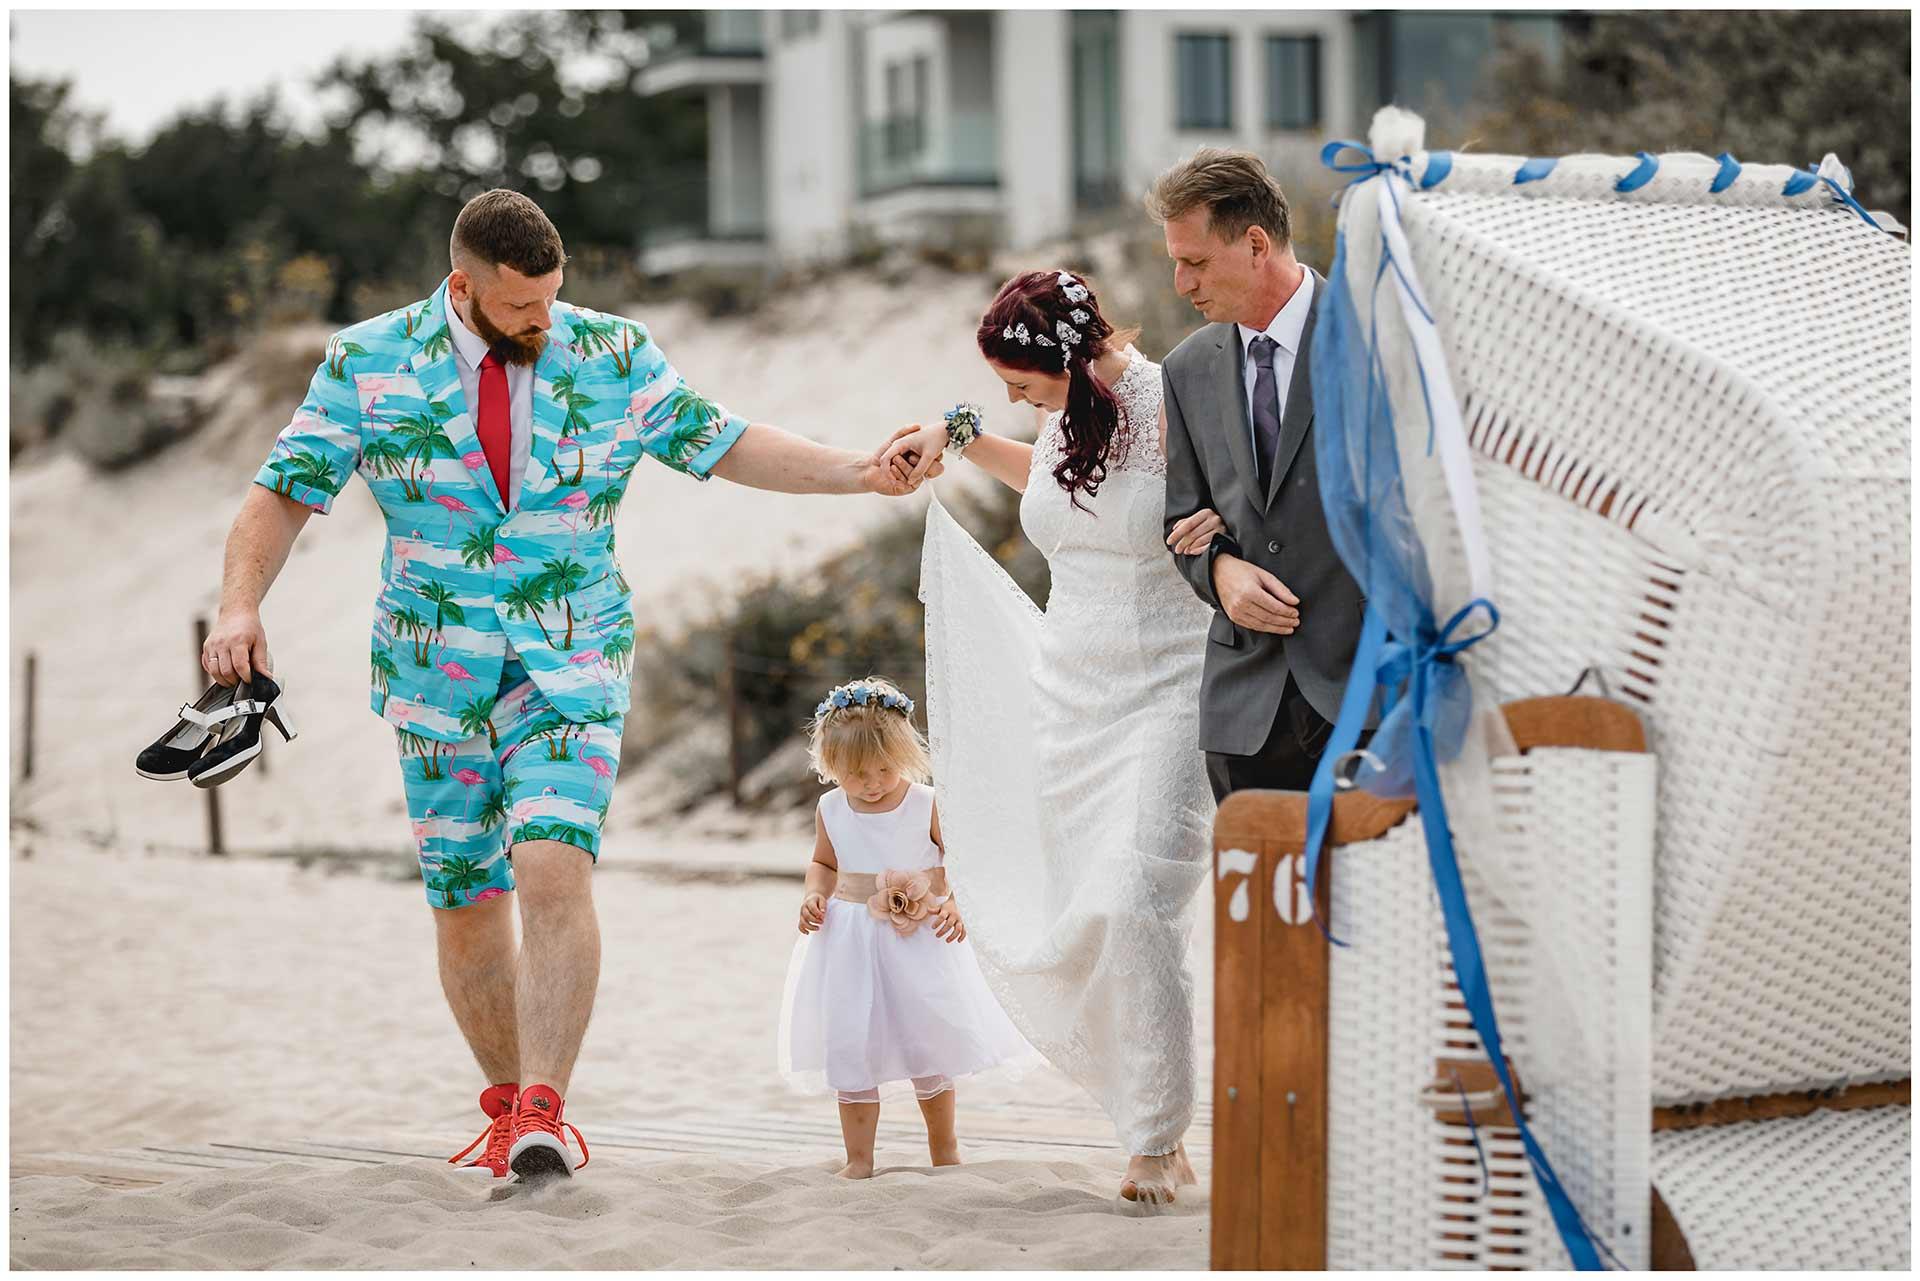 Bruder-und-Brautvater-bringen-die-Braut-zur-Freien-Trauung-an-den-Warnemuender-Strand-Hochzeitsfotograf-Warnemuende-Hochzeitsfotograf-Rostock-Hochzeitsfotograf-Ostseebad-Warnemuende